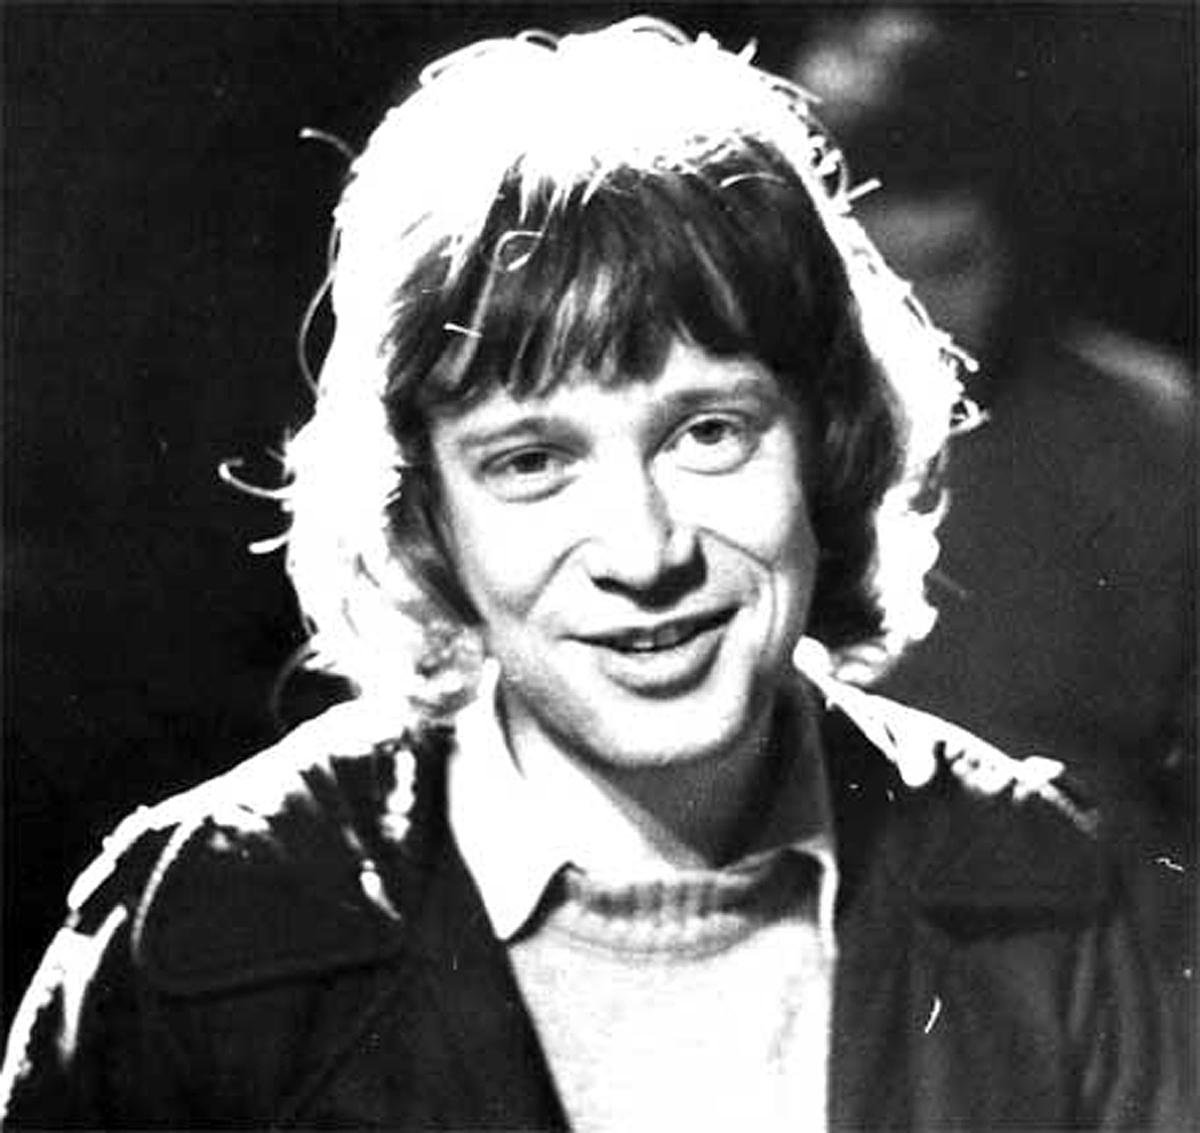 Fine anni 60 - Un viso da ragazzino, ma già un fantastico tastierista